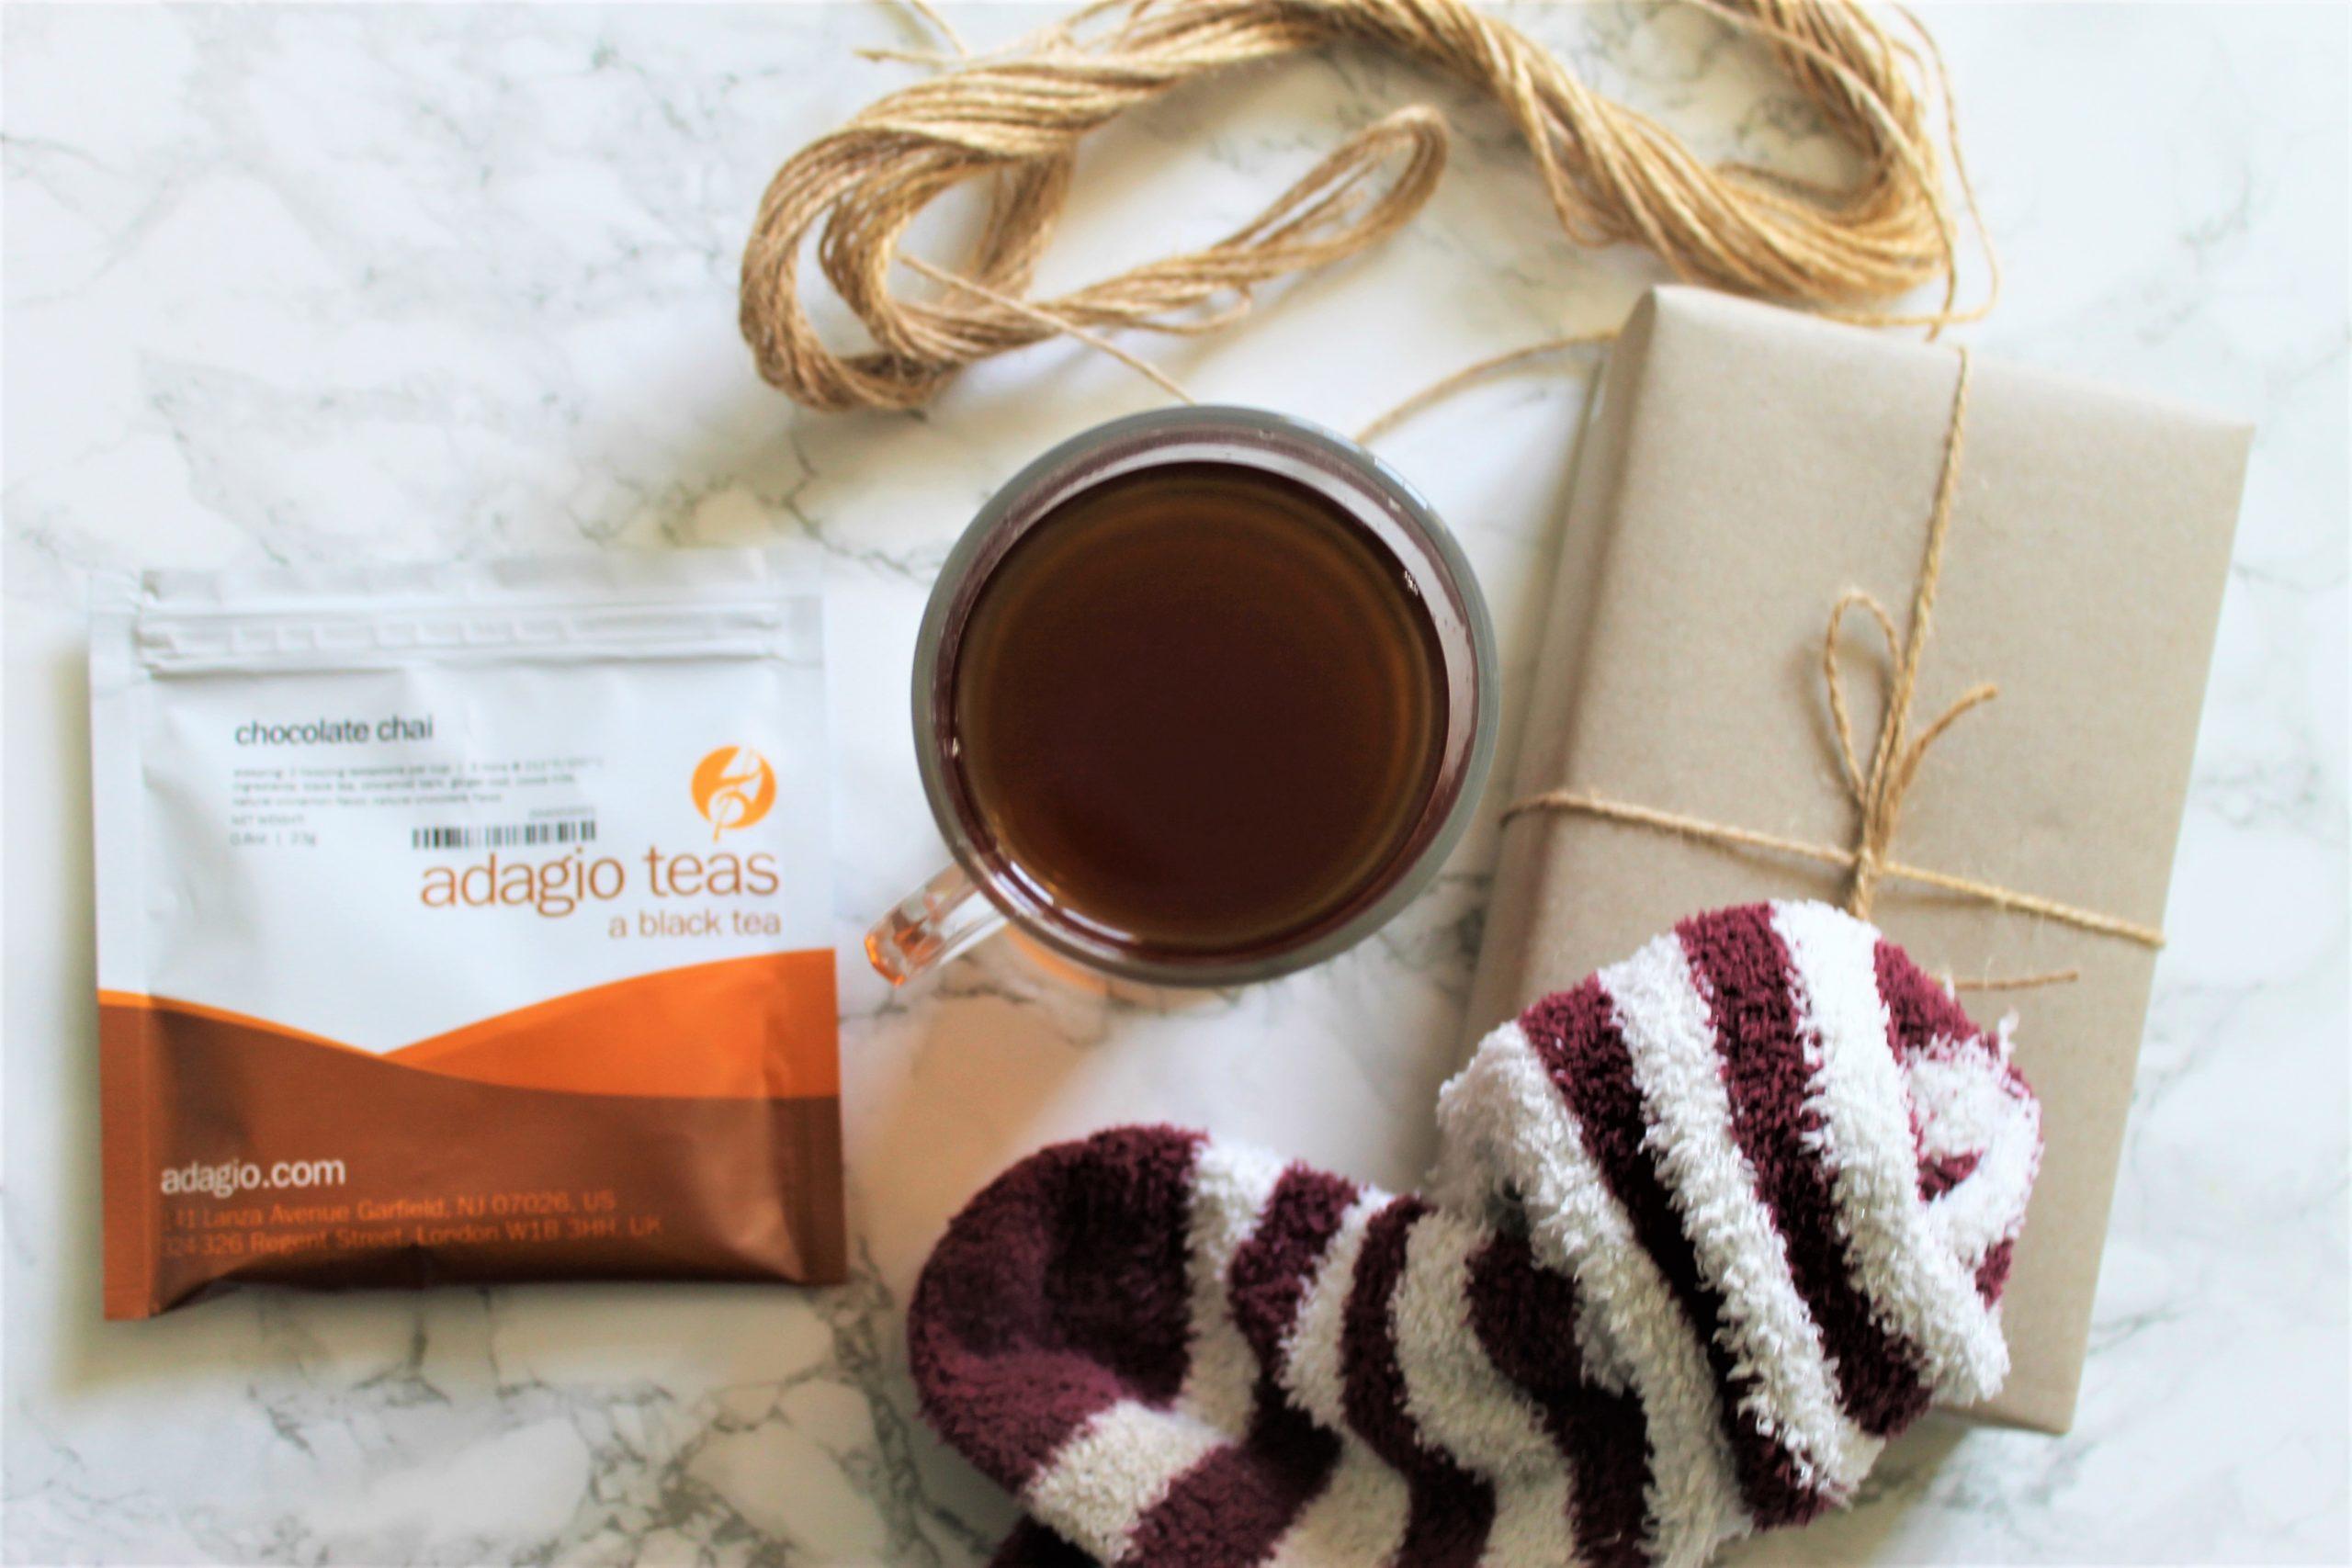 adagio chocolate chai